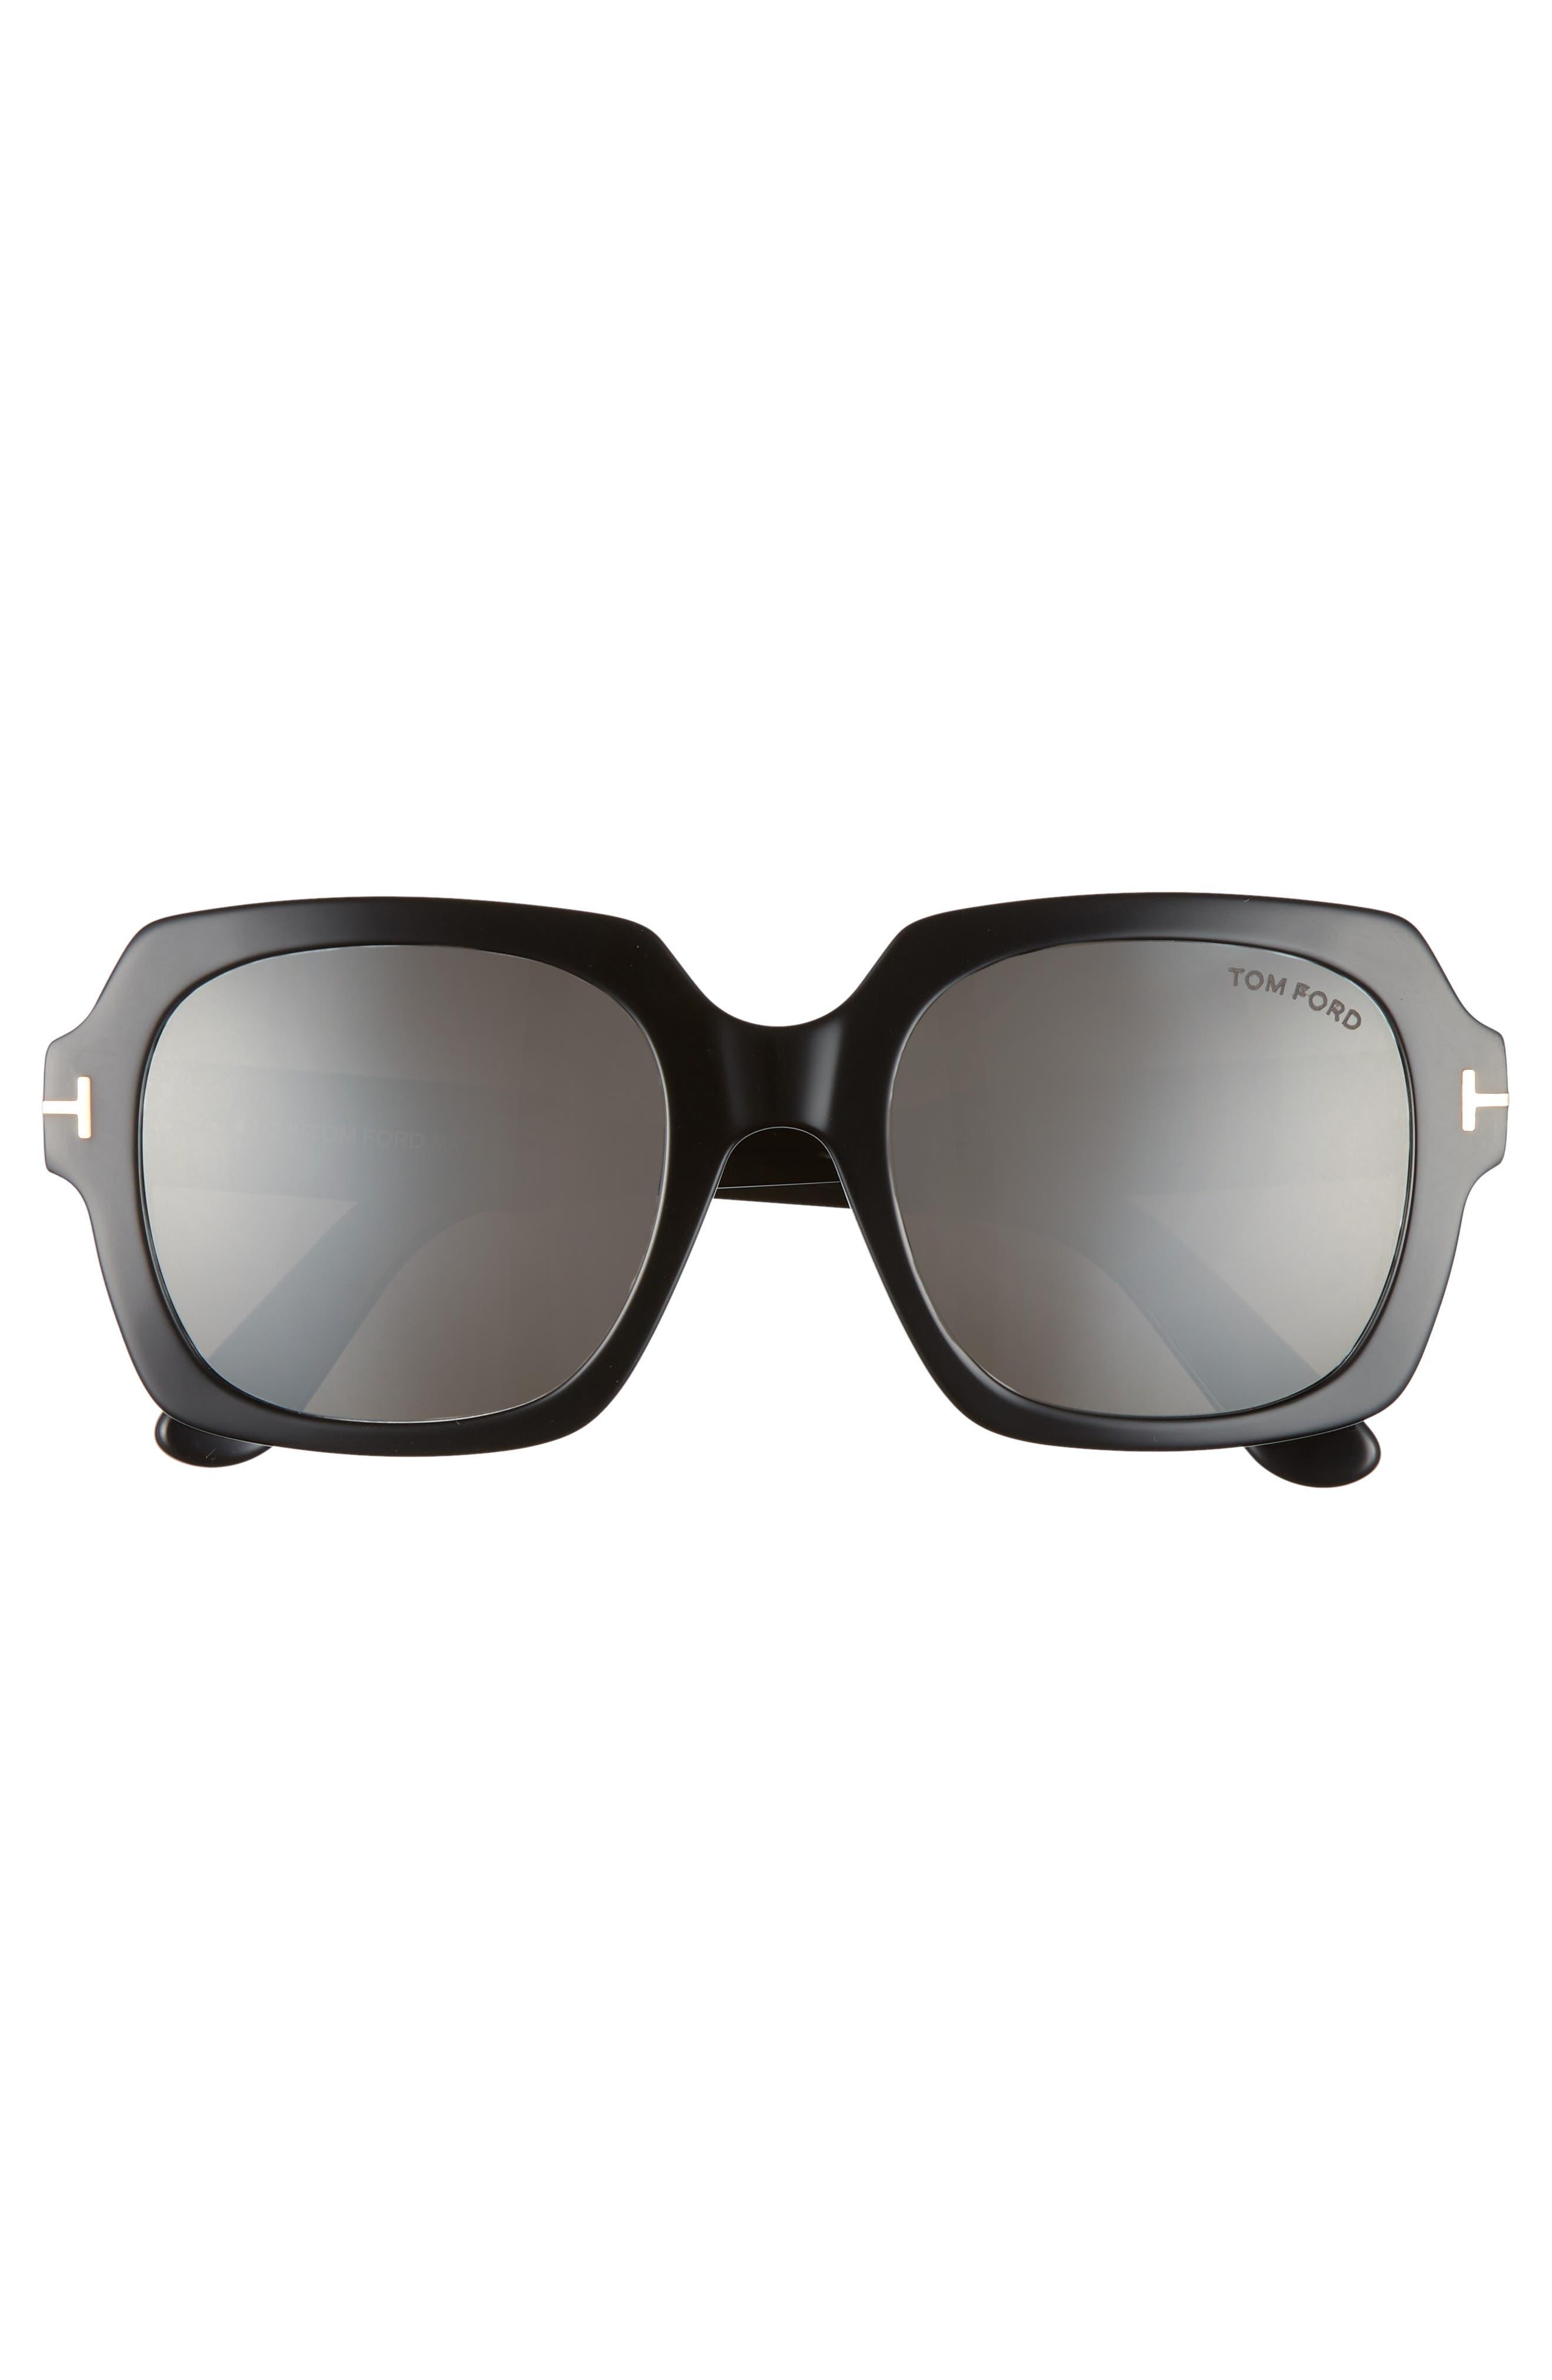 Autumn 53mm Square Sunglasses,                             Alternate thumbnail 3, color,                             BLACK/ SMOKE/ SILVER FLASH